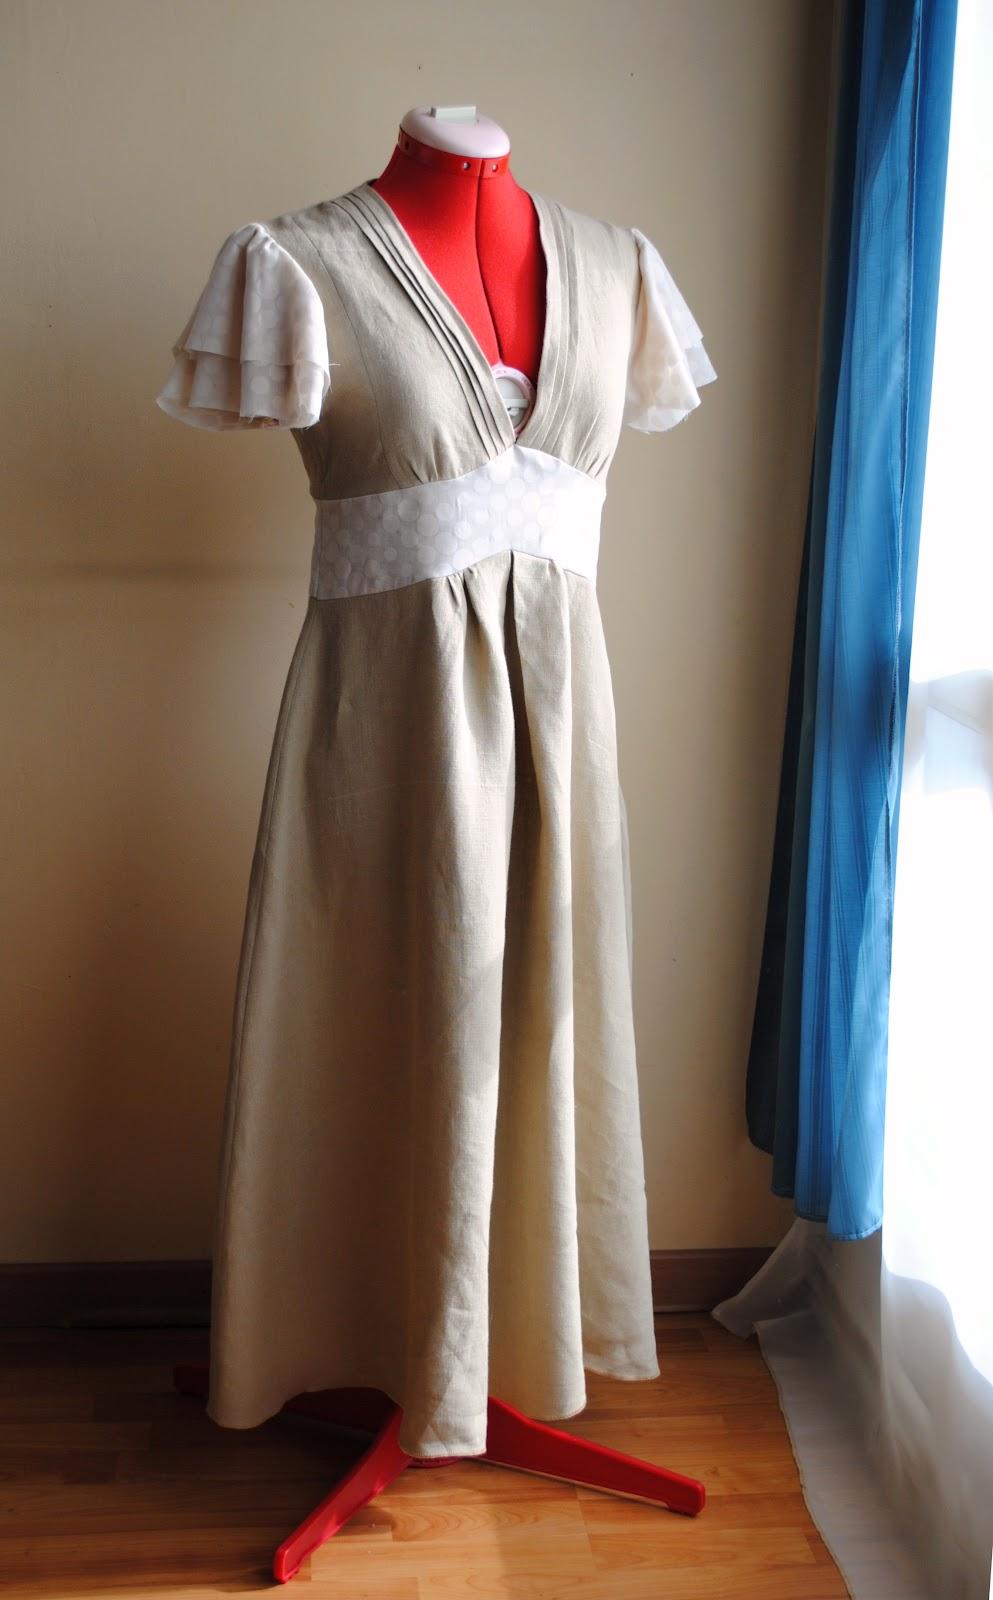 Les trucs de tatihou une robe pour mimie 2 - Poser une fermeture eclair invisible ...